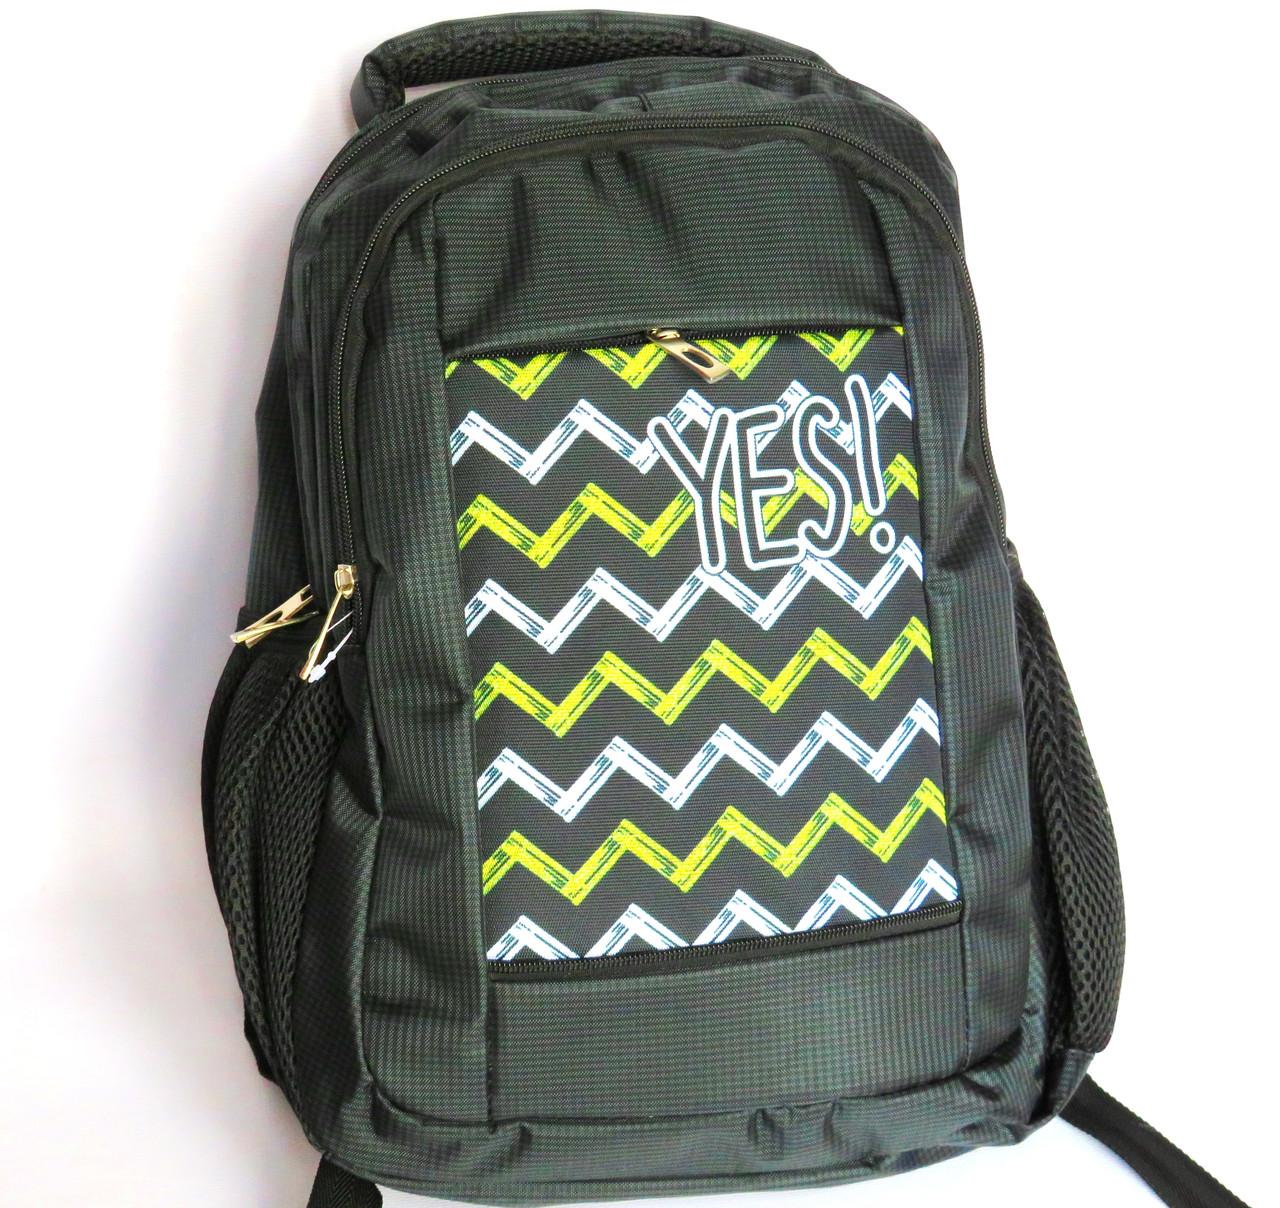 Школьный рюкзак размер S, черный, зигзаг